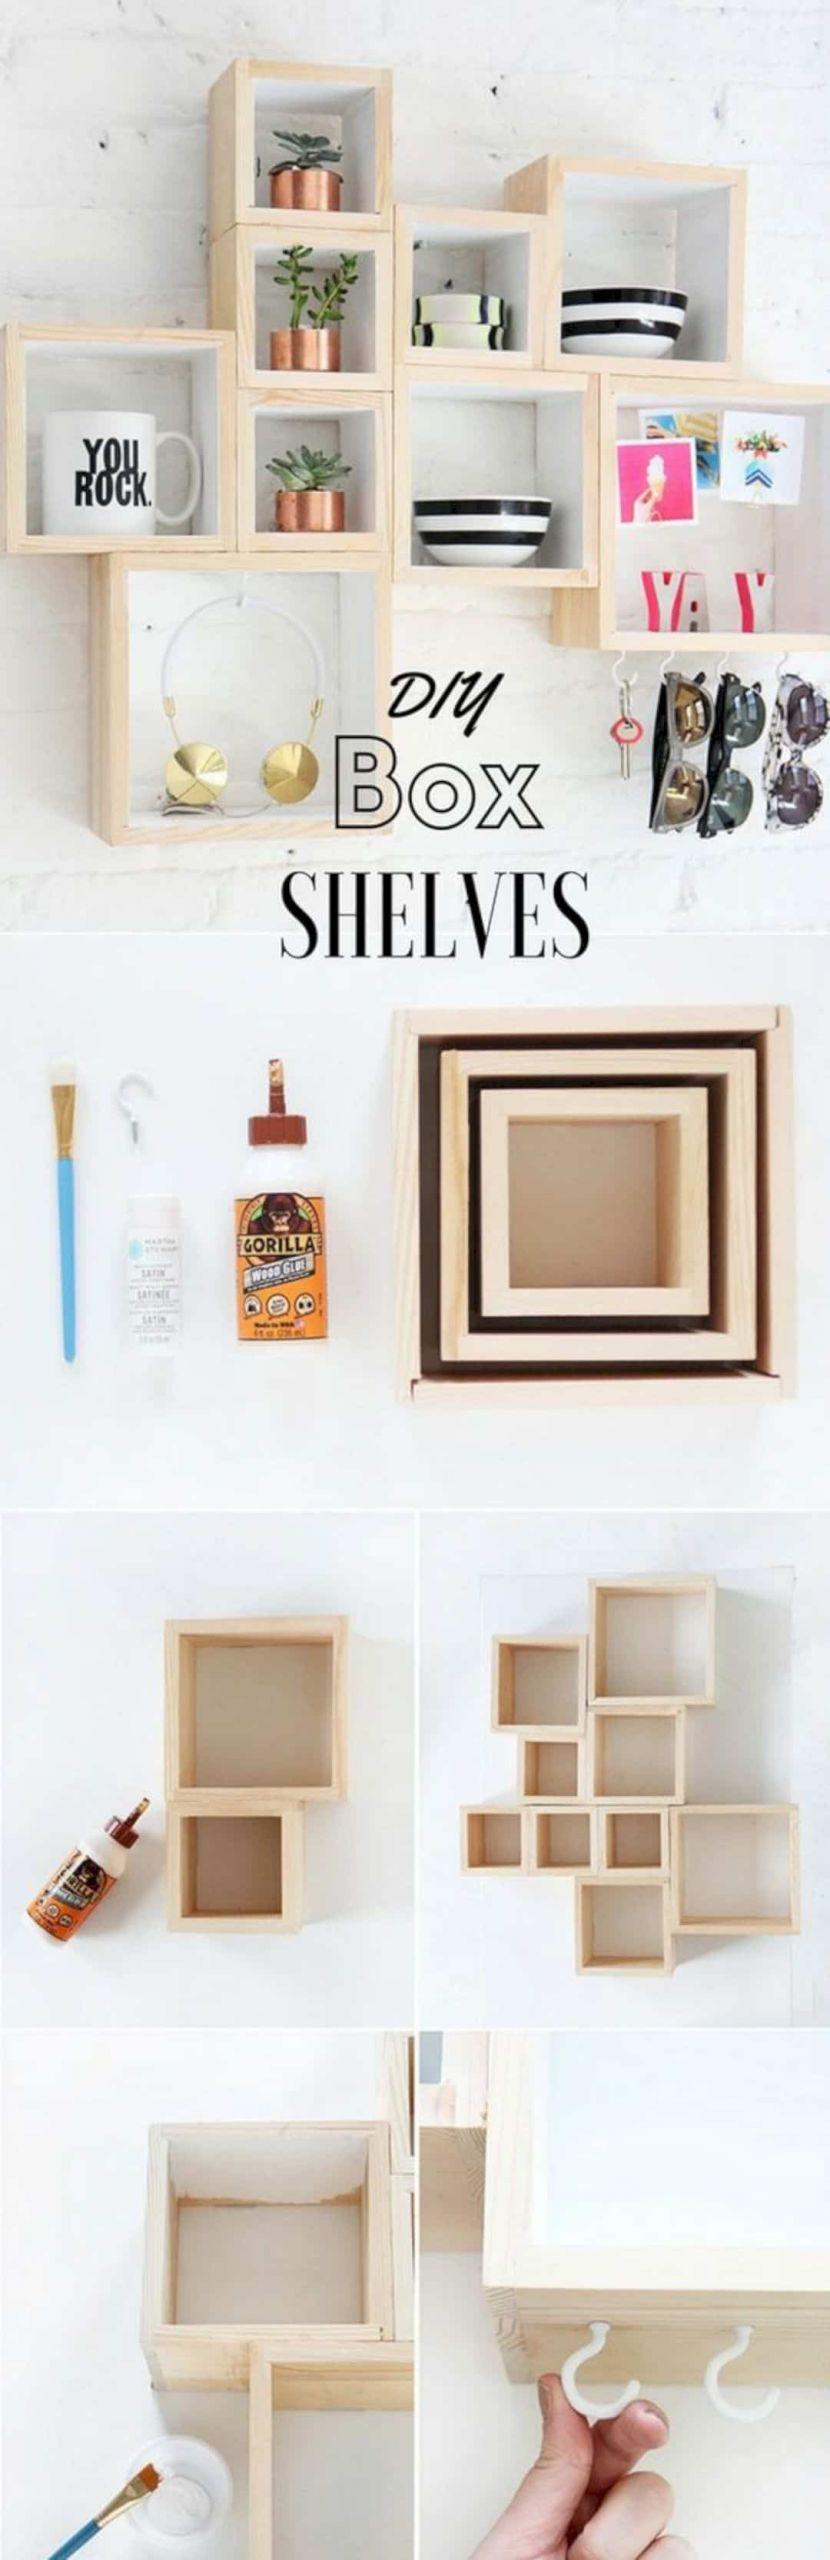 Diy Living Room Ideas  17 DIY Home Decor for Living Room